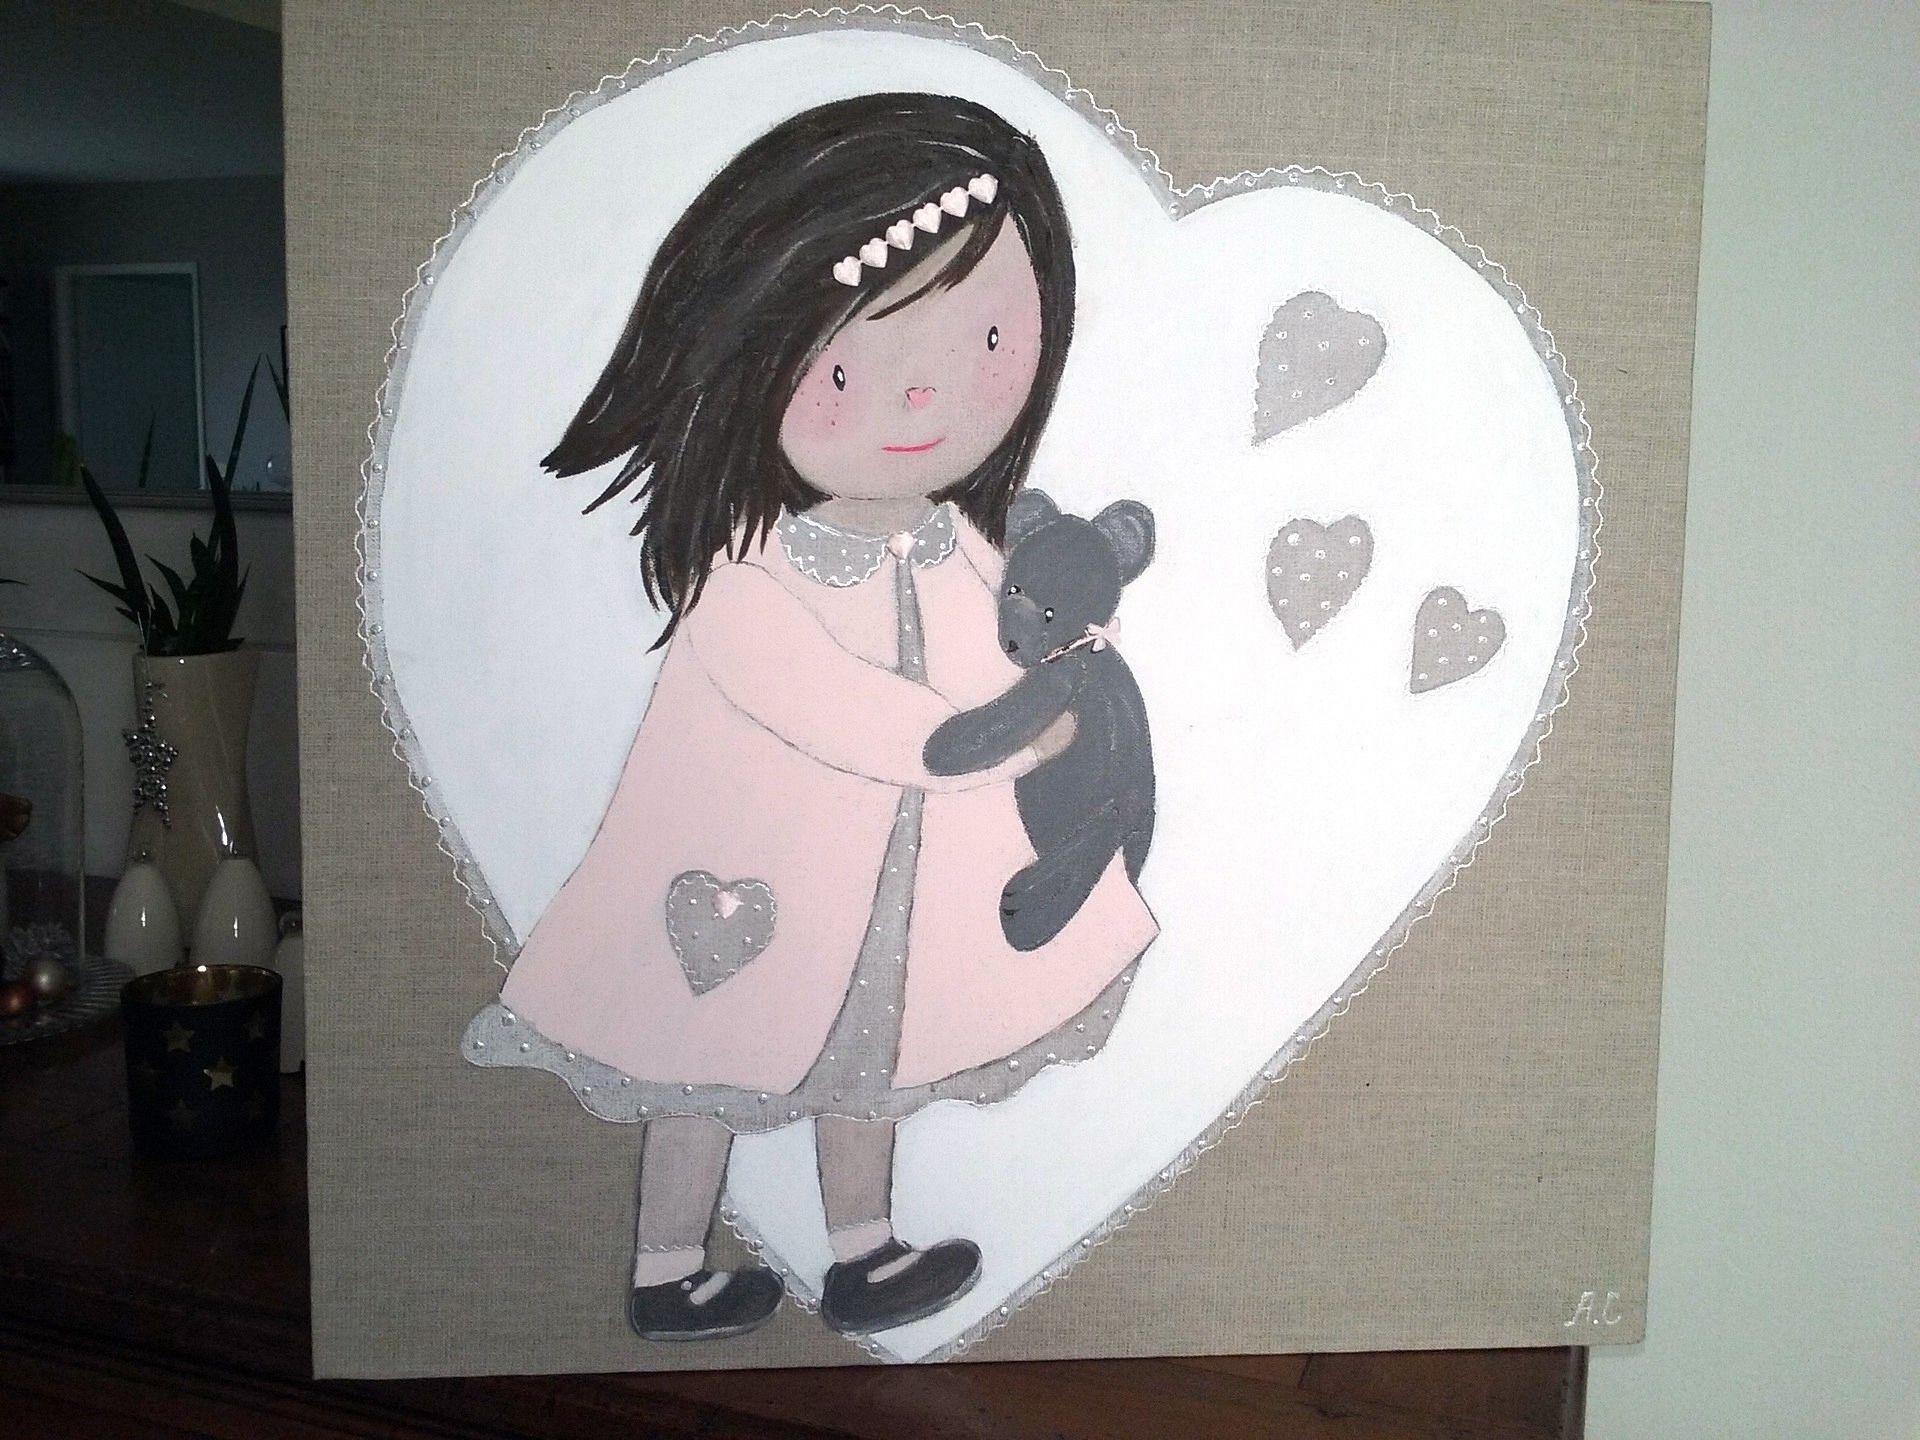 Tableau d coratif en peinture pour chambre de petite fille deco int rieure enfants peinture - Tableau chambre fille ...